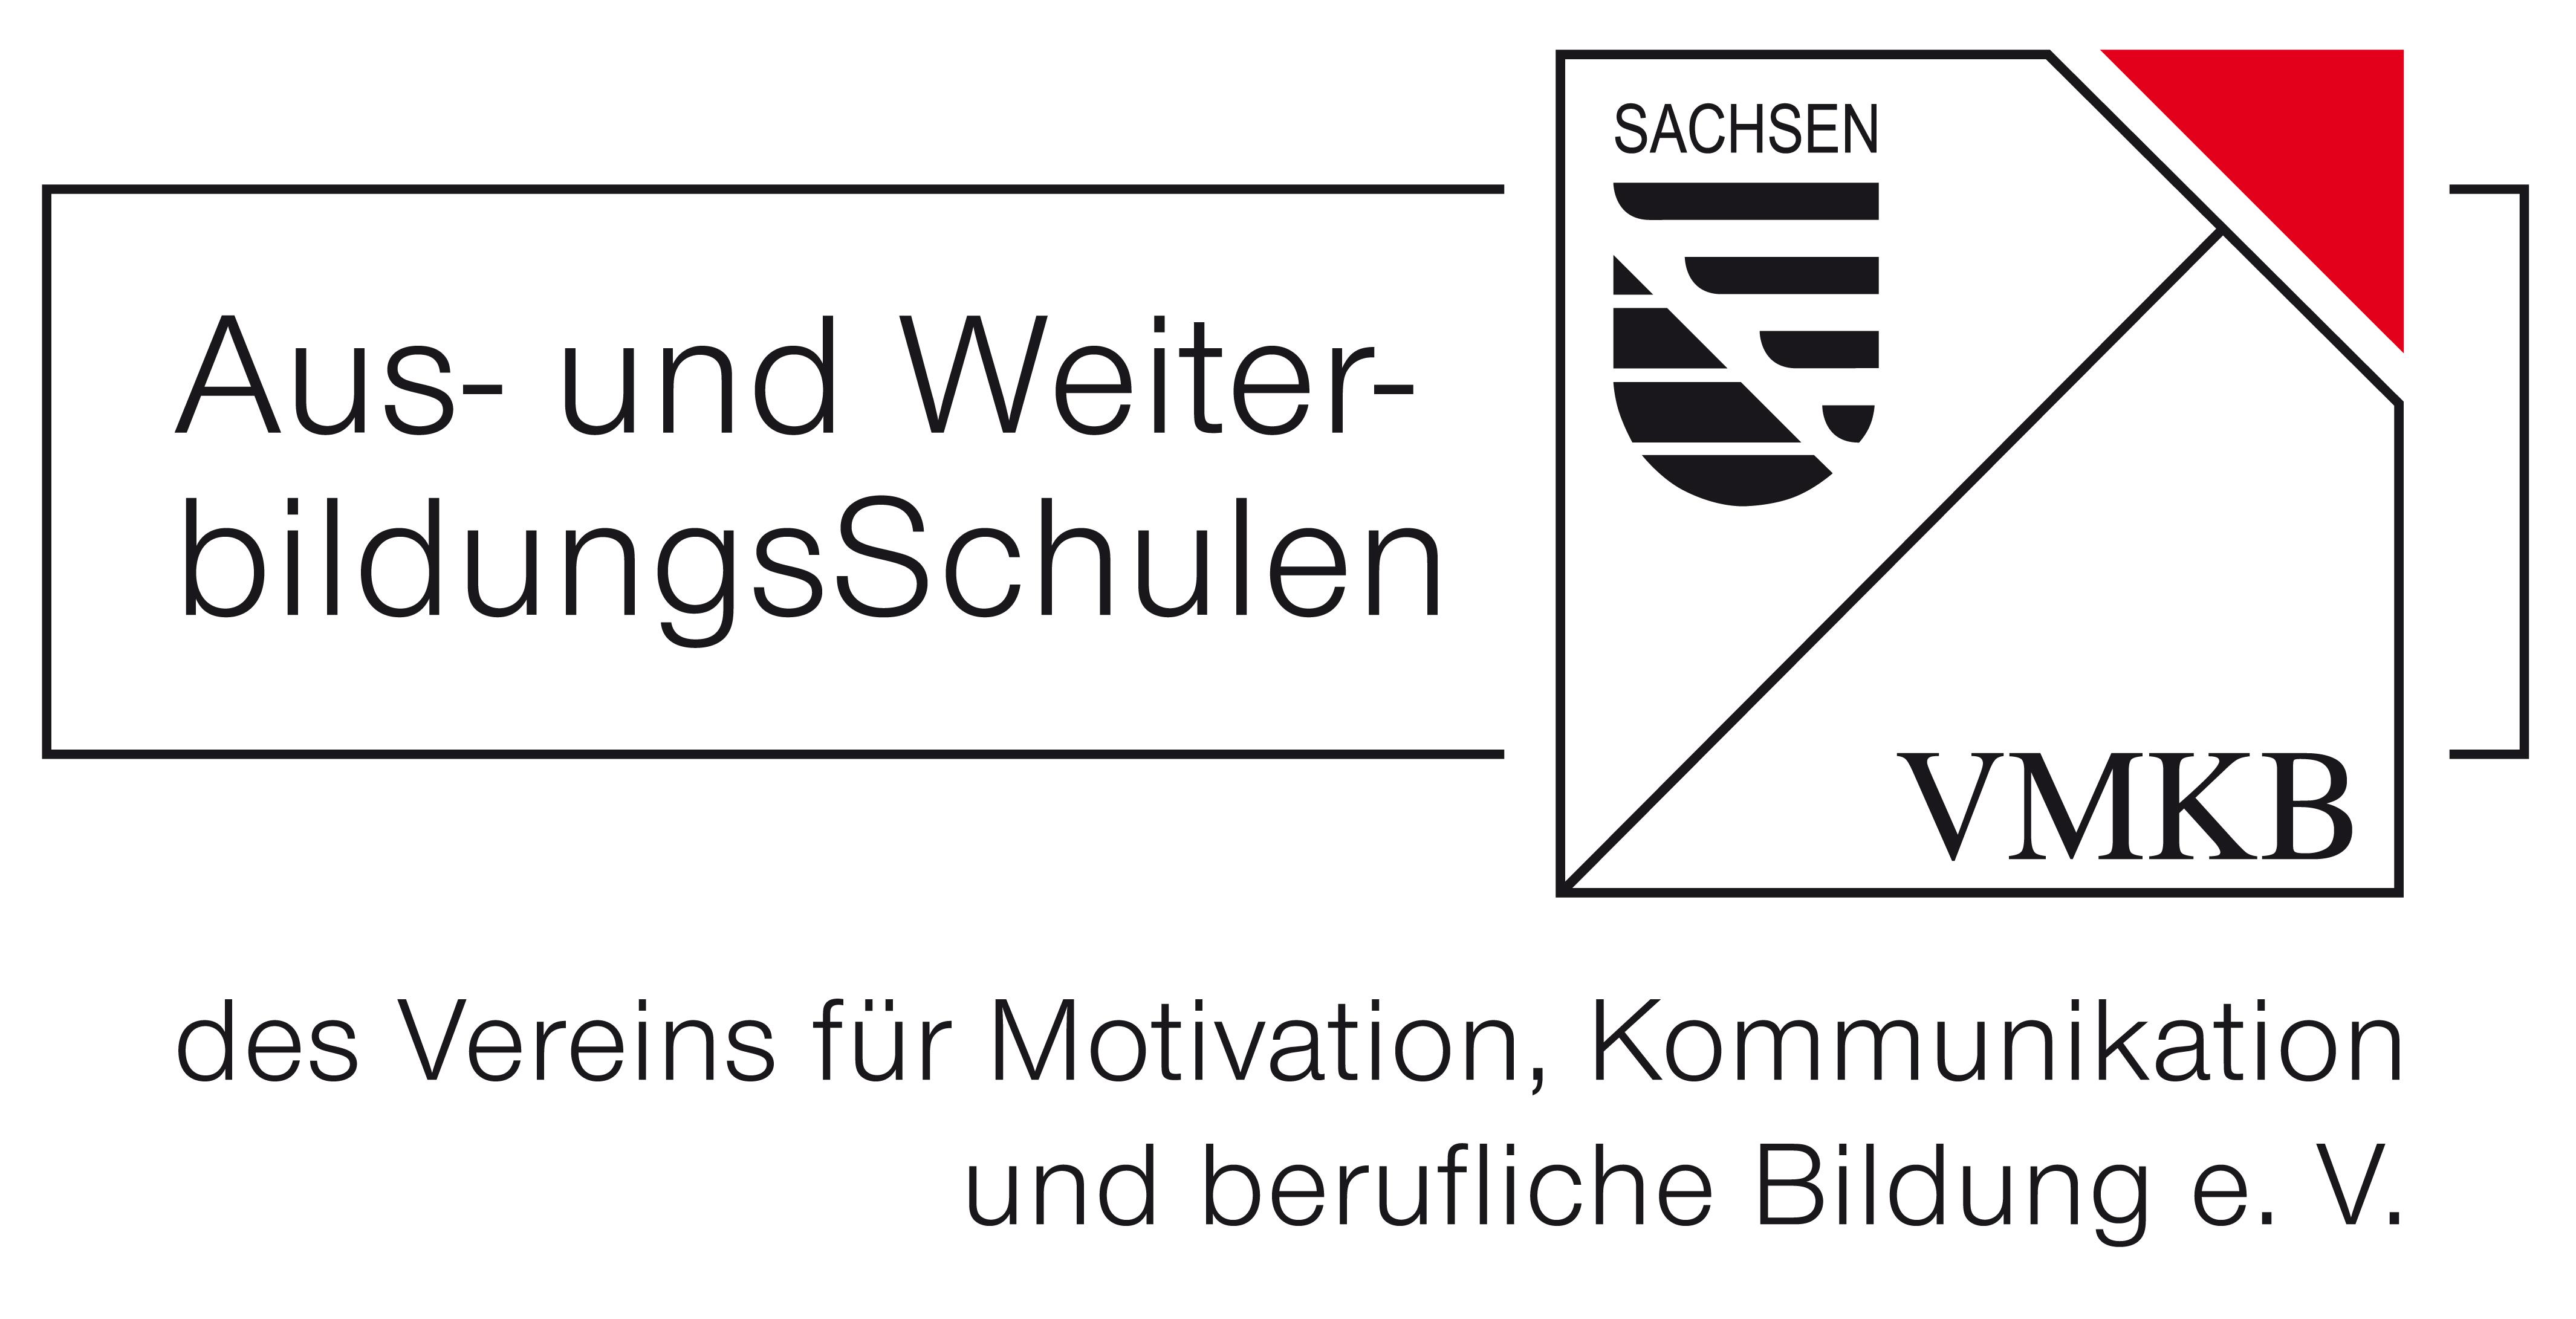 Verein für Motivation, Kommunikation und berufliche Bildung e.V.